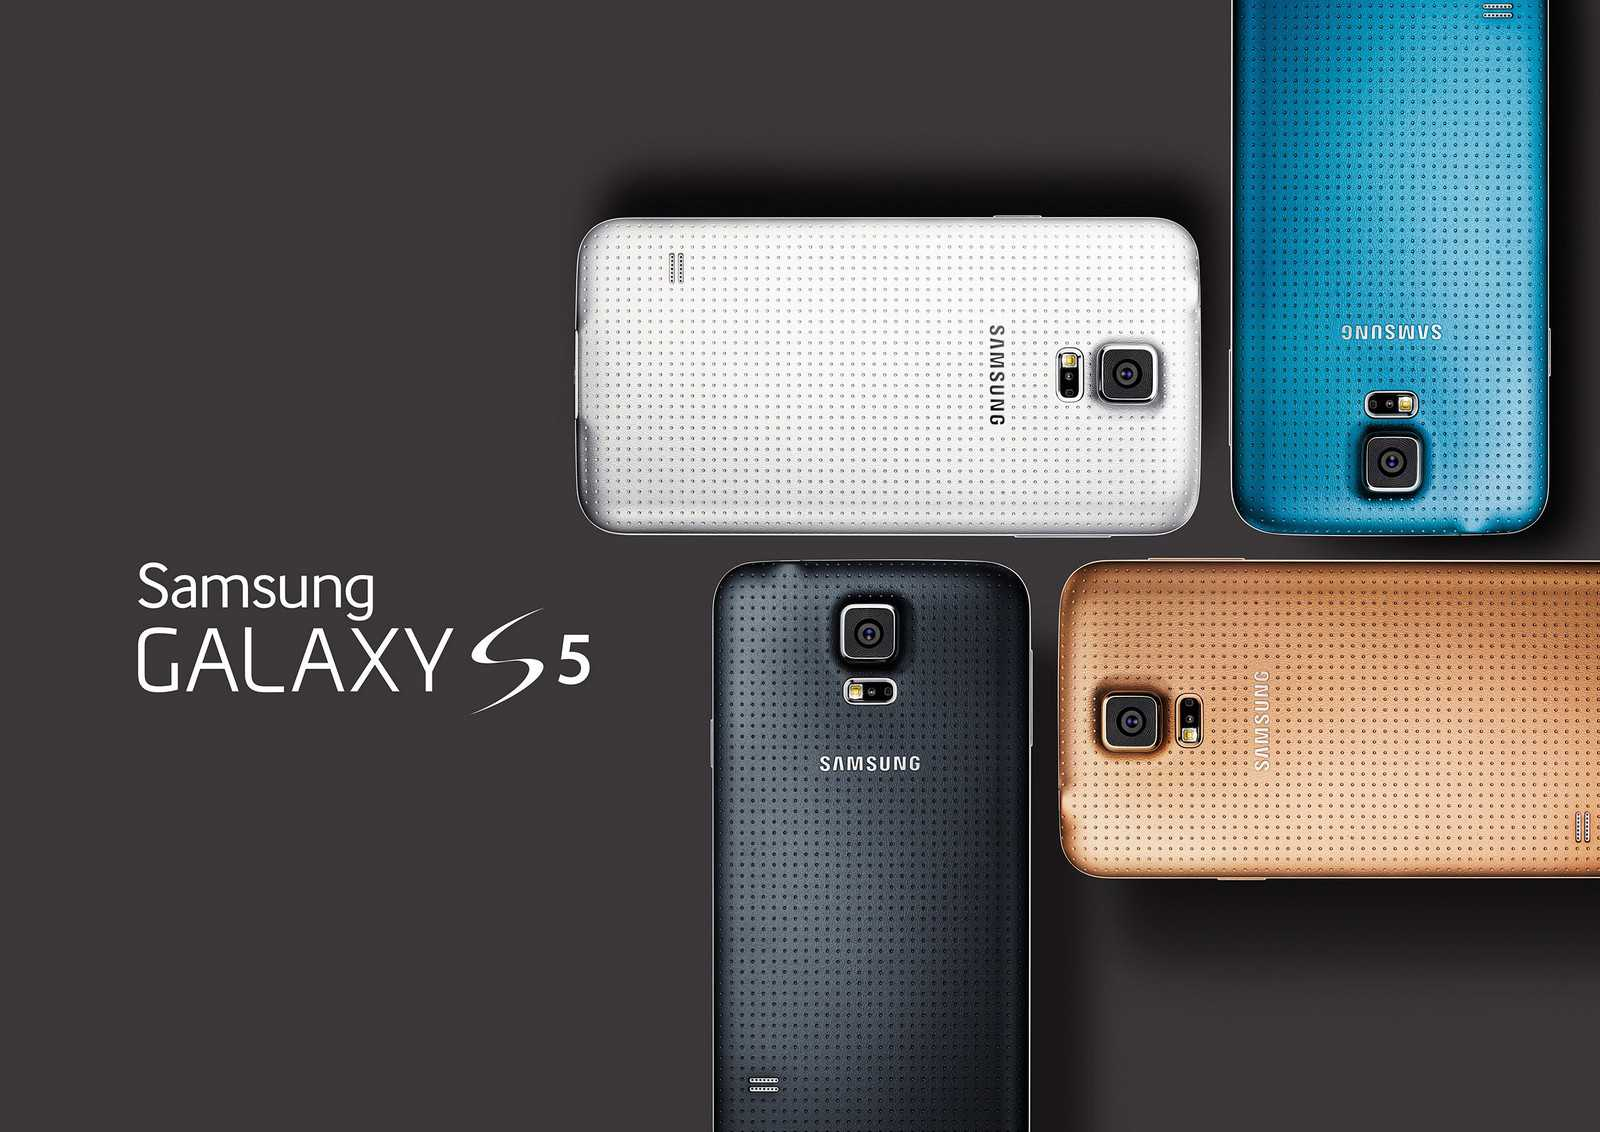 Il Sensore cardiaco del Galaxy S5 é in grado di controllare il livello di stress